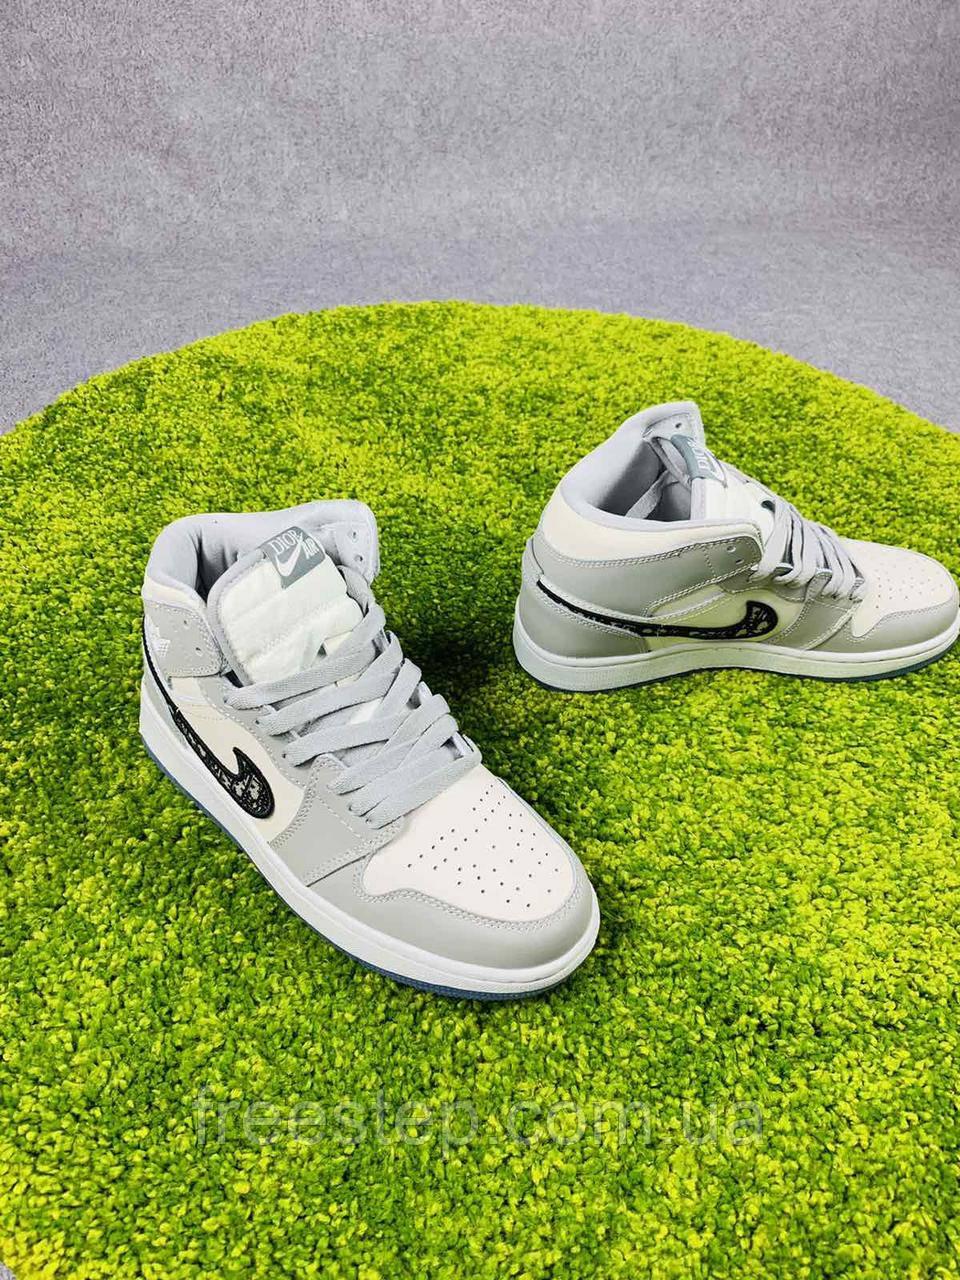 Мужские кроссовки в стиле Jordan 1 Retro High Dior белые с серым